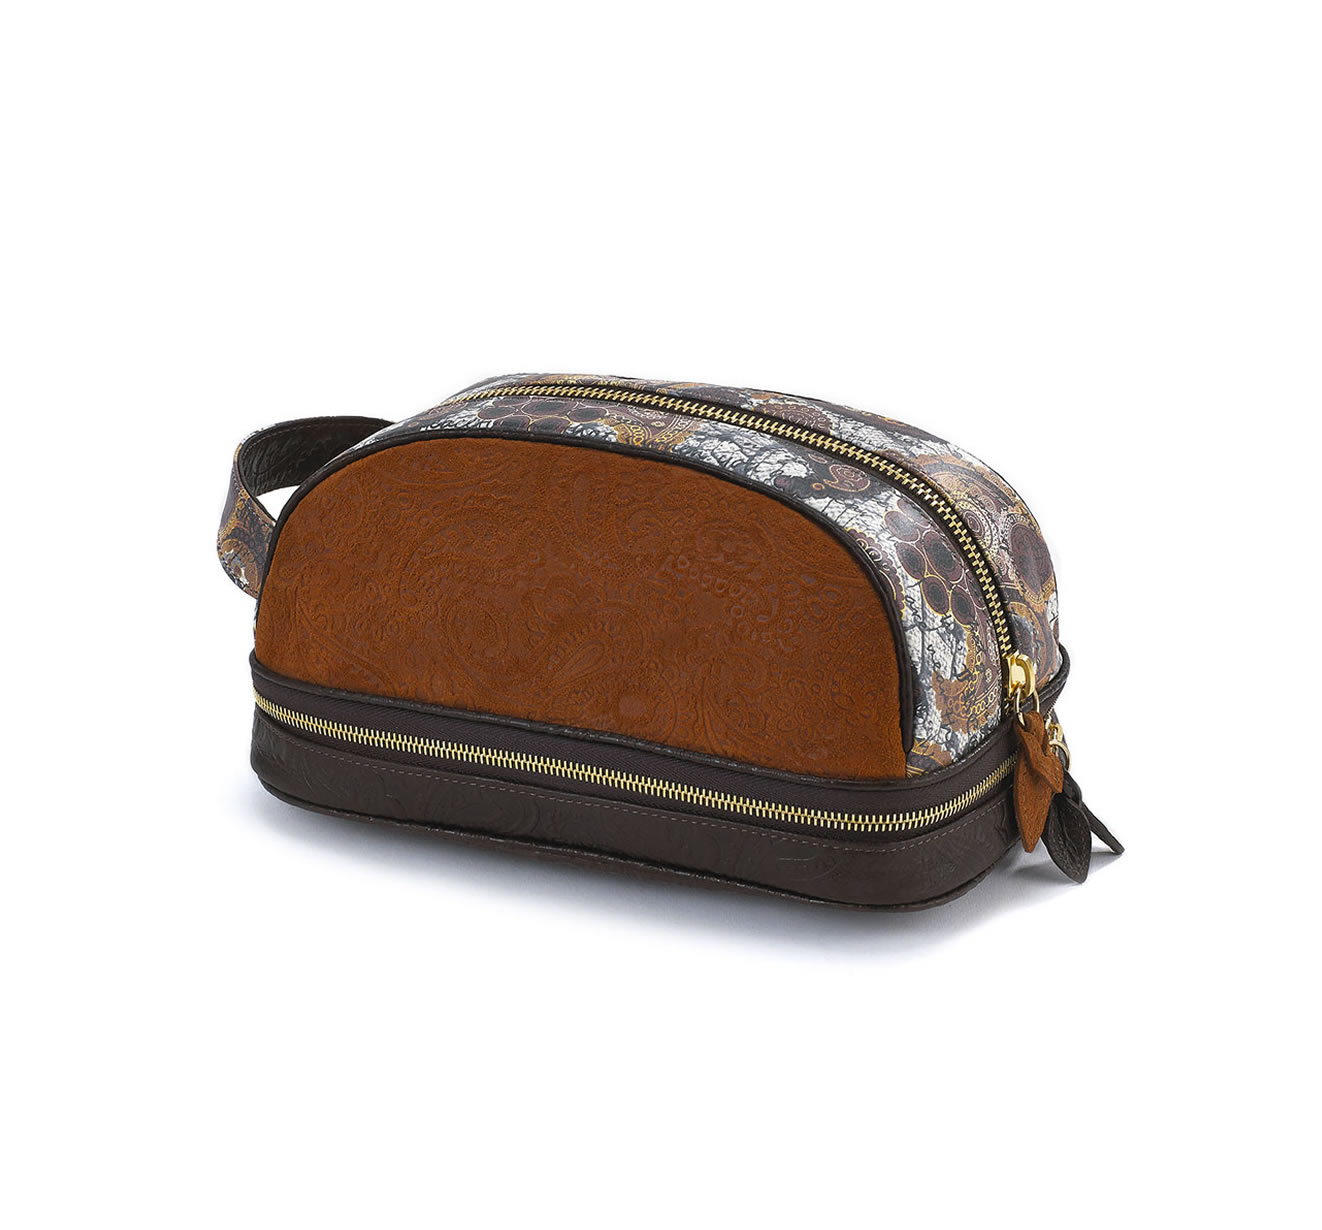 DOPP KIT GOLDEN BROWN EMBOSSED bag